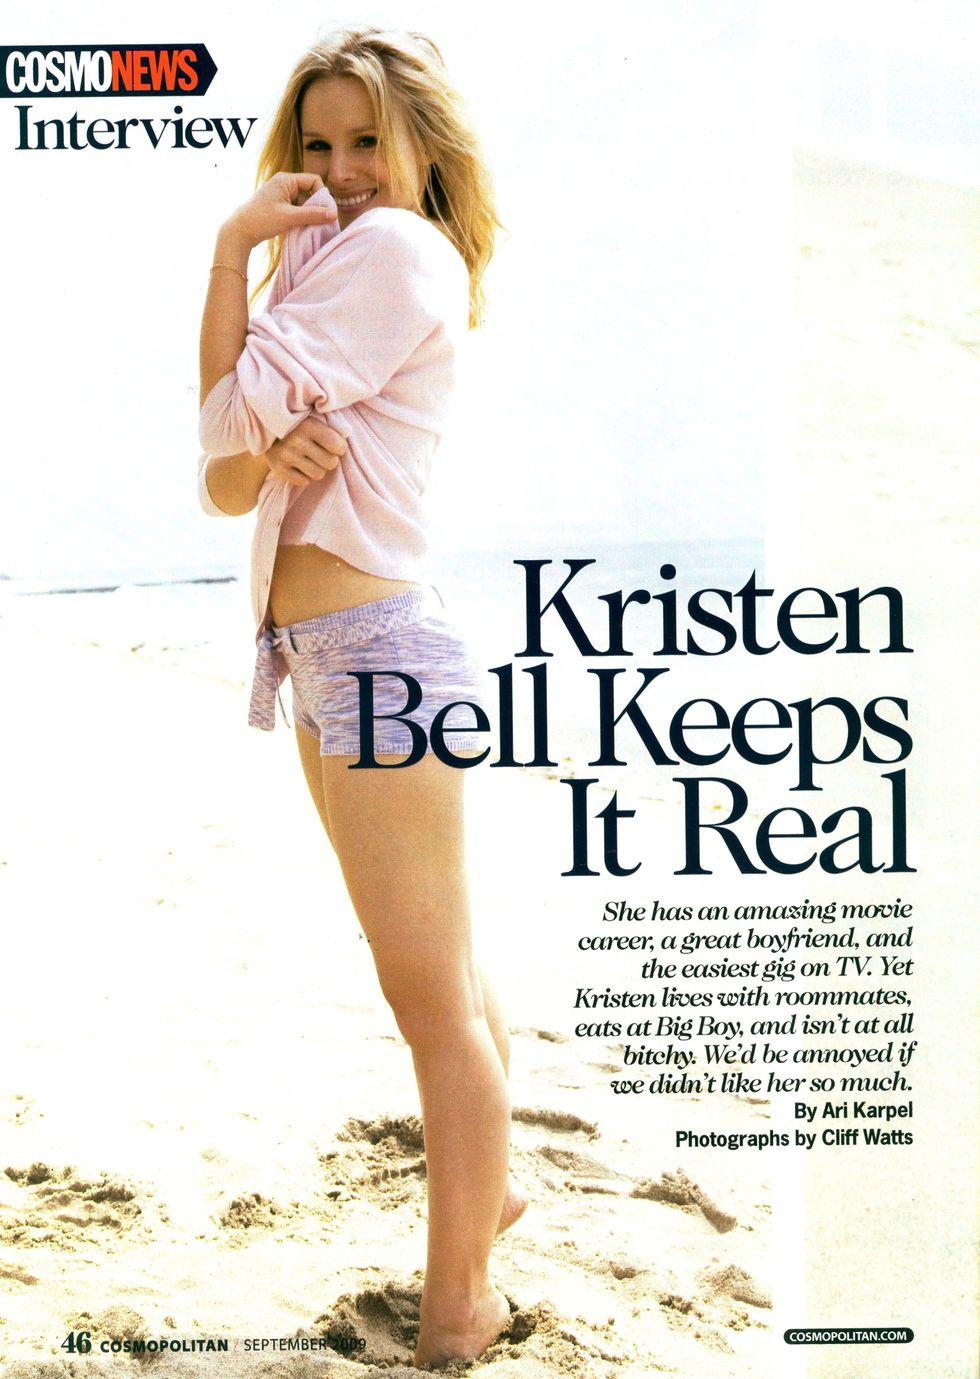 kristen-bell-cosmopolitan-magazine-september-2009-01